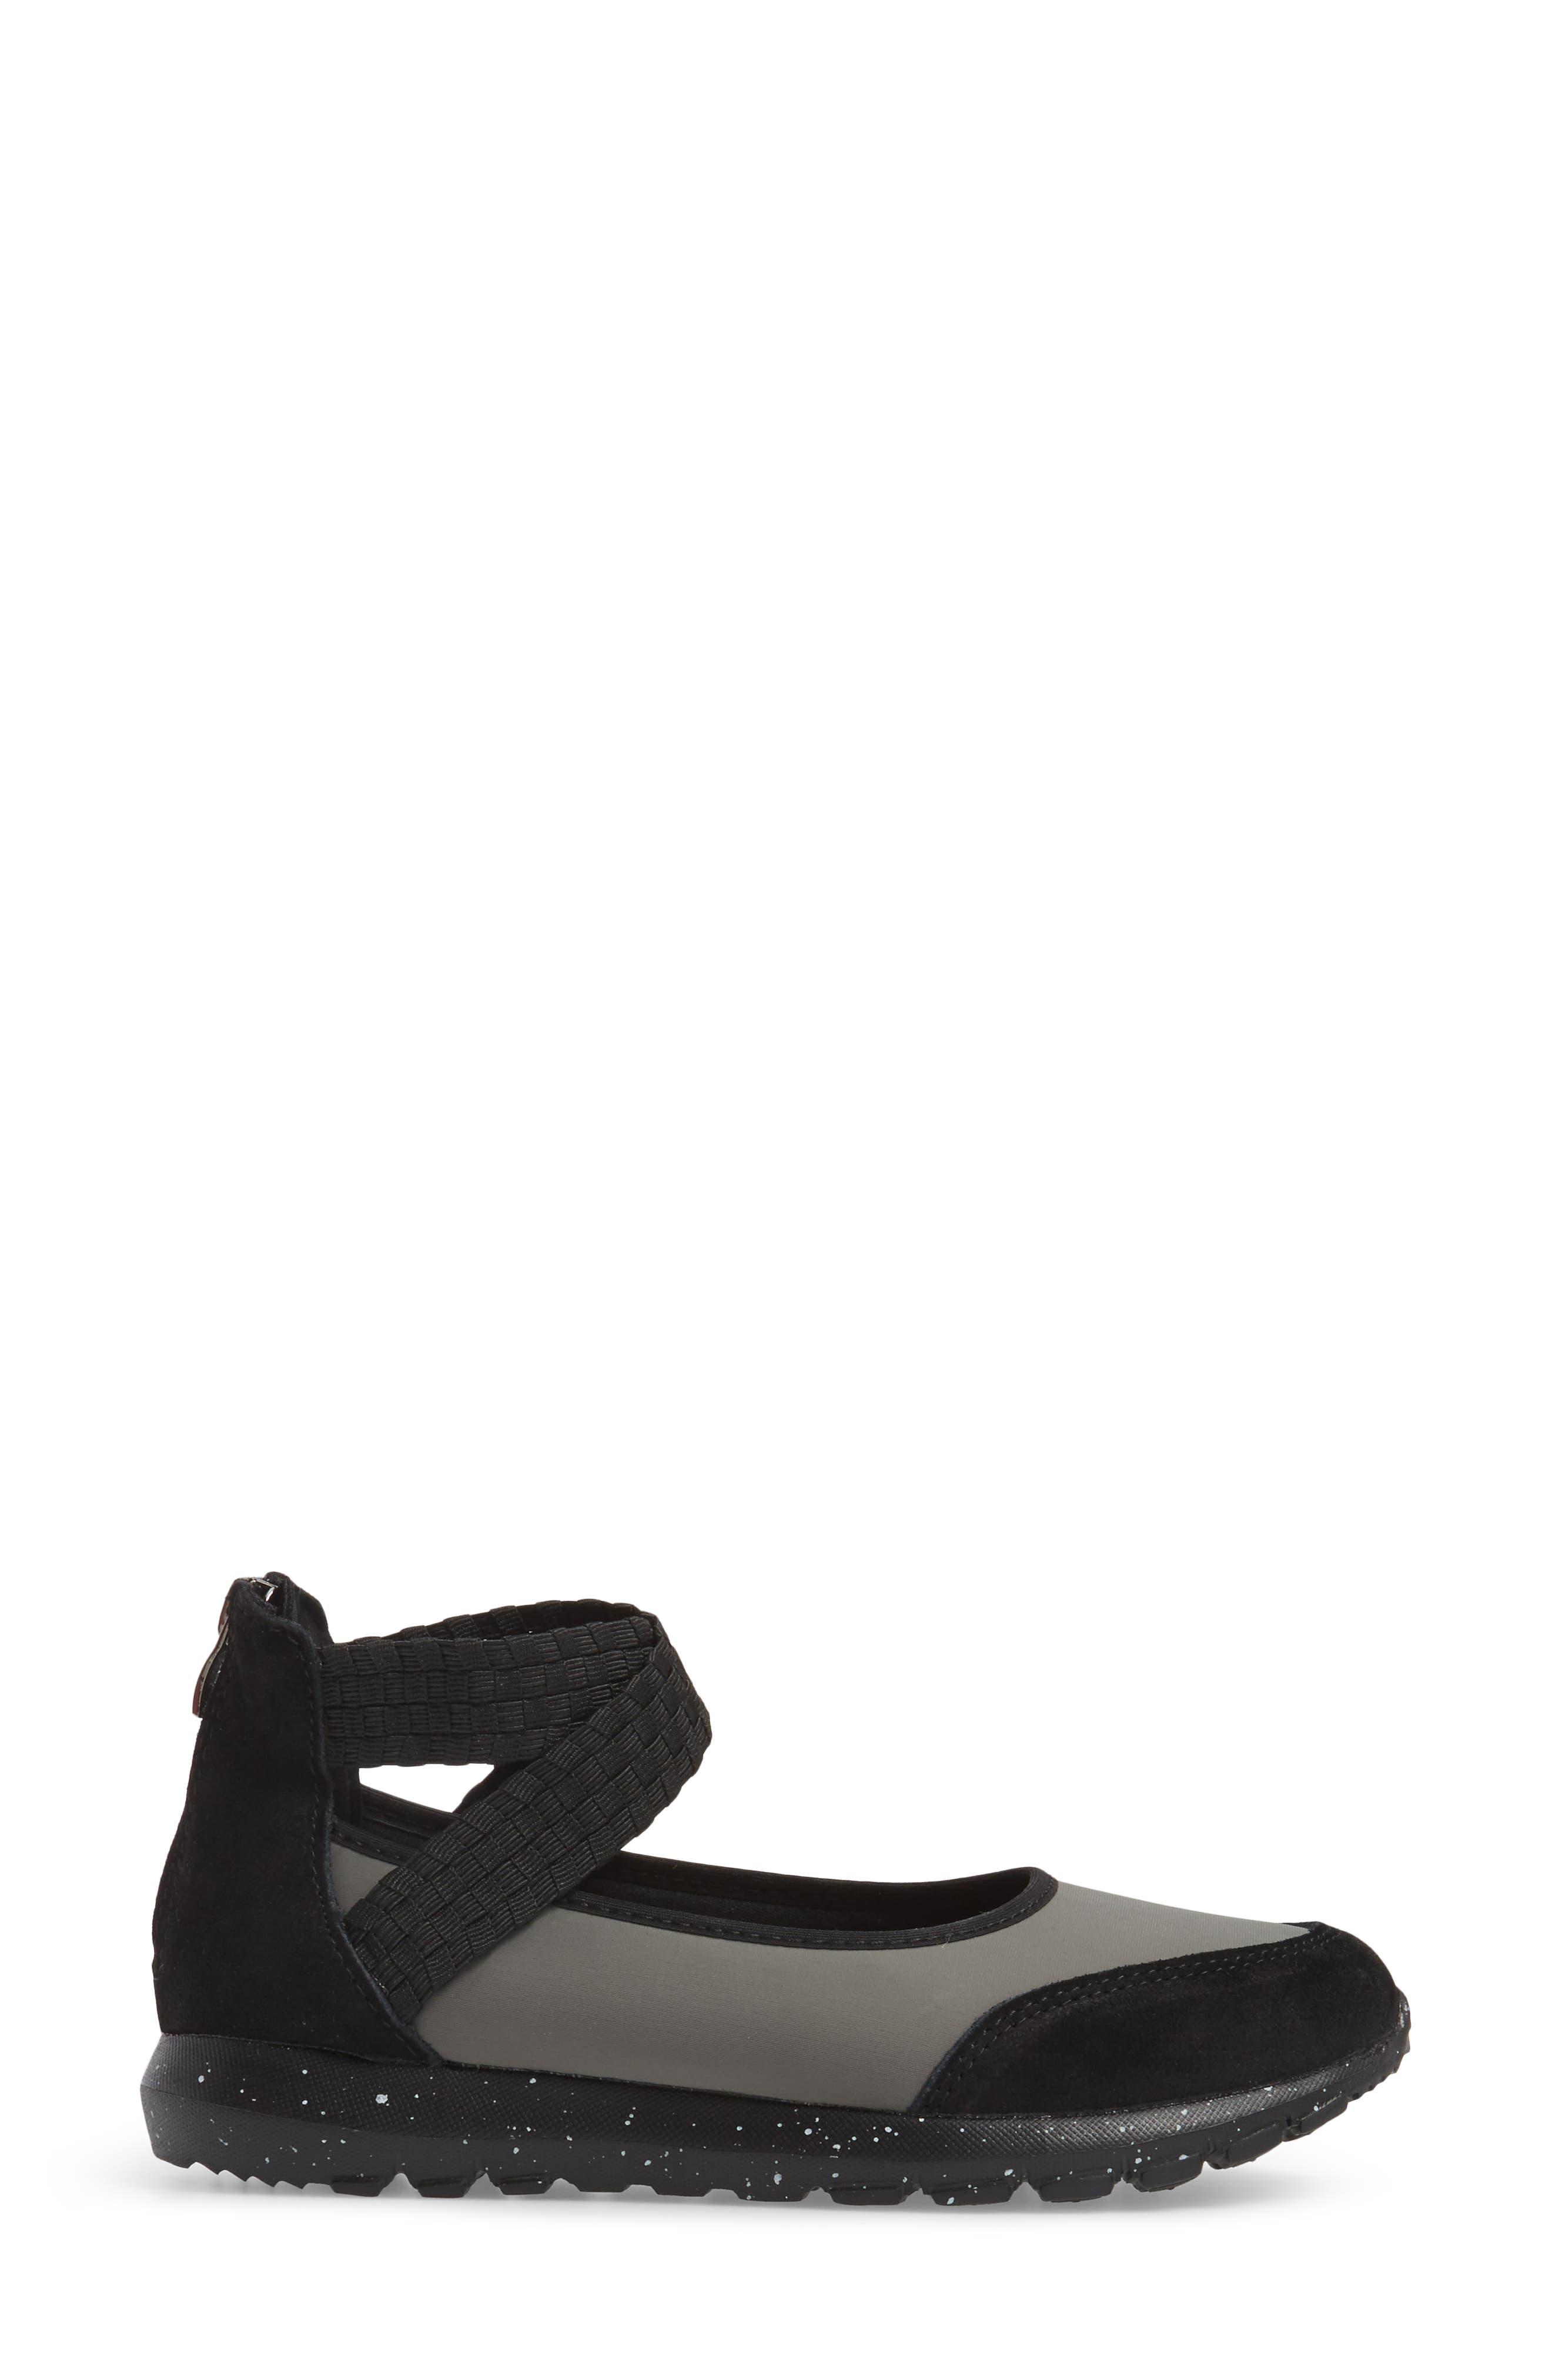 Alternate Image 3  - Bernie Mev Runner Flow Sneaker (Women)